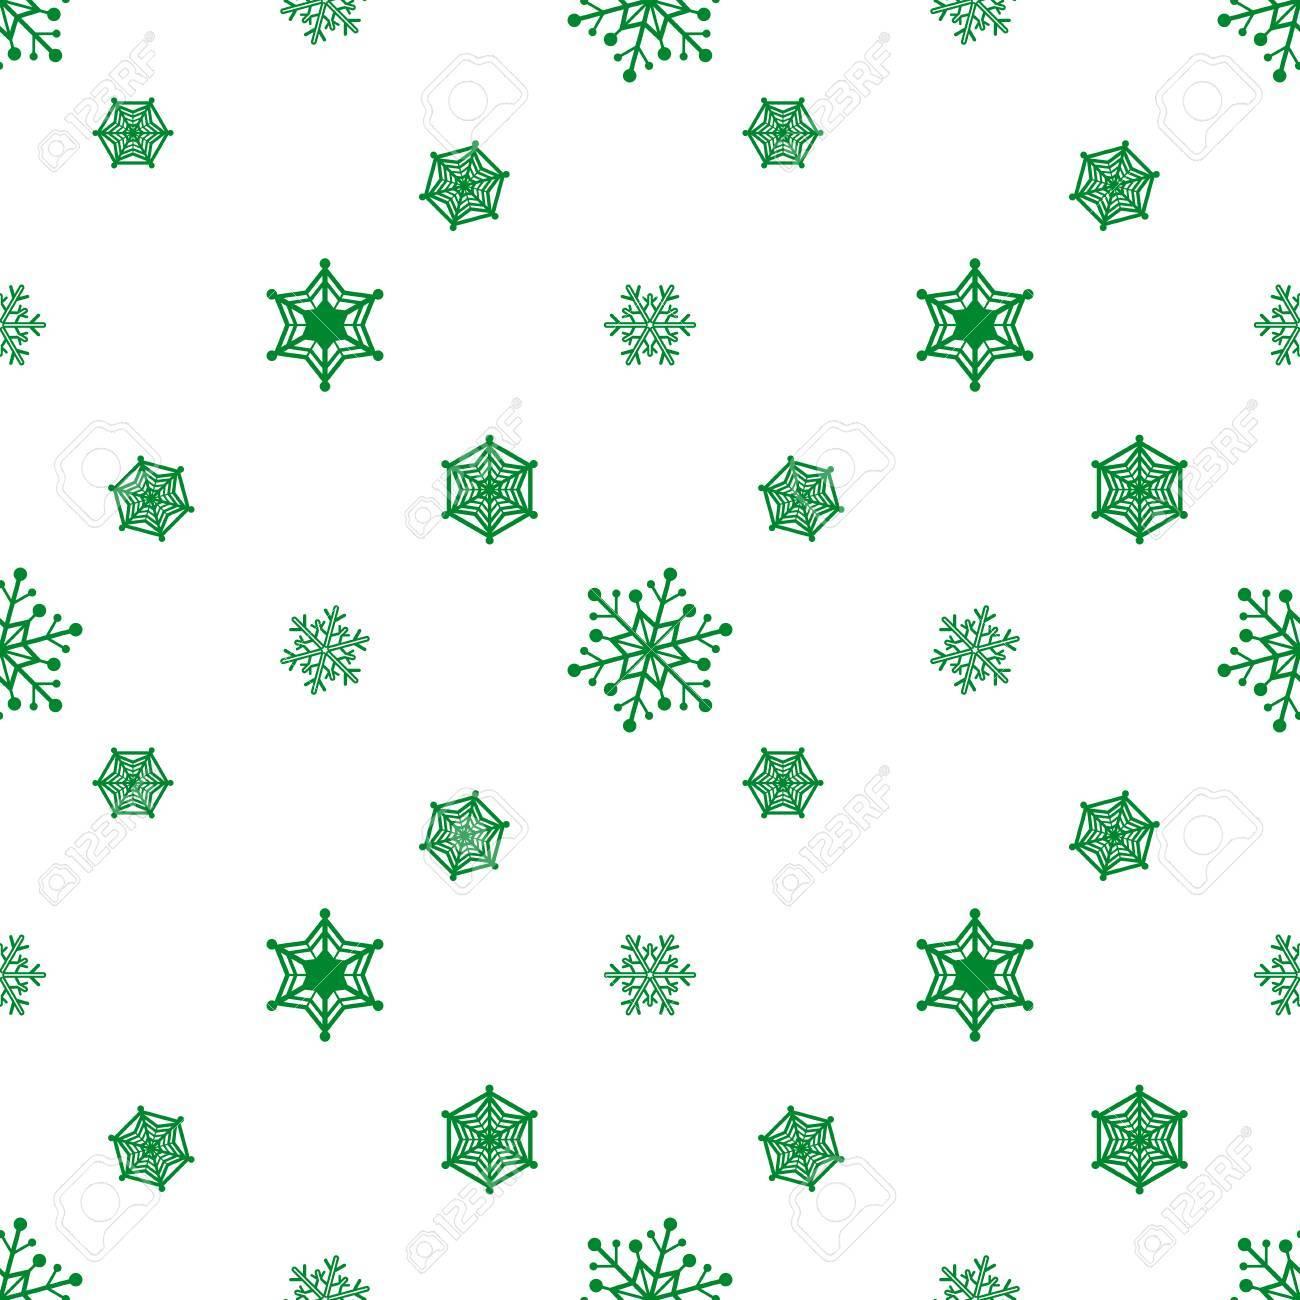 Schneeflocke Grüne Farbe Weißen Hintergrund, Weihnachten Muster ...